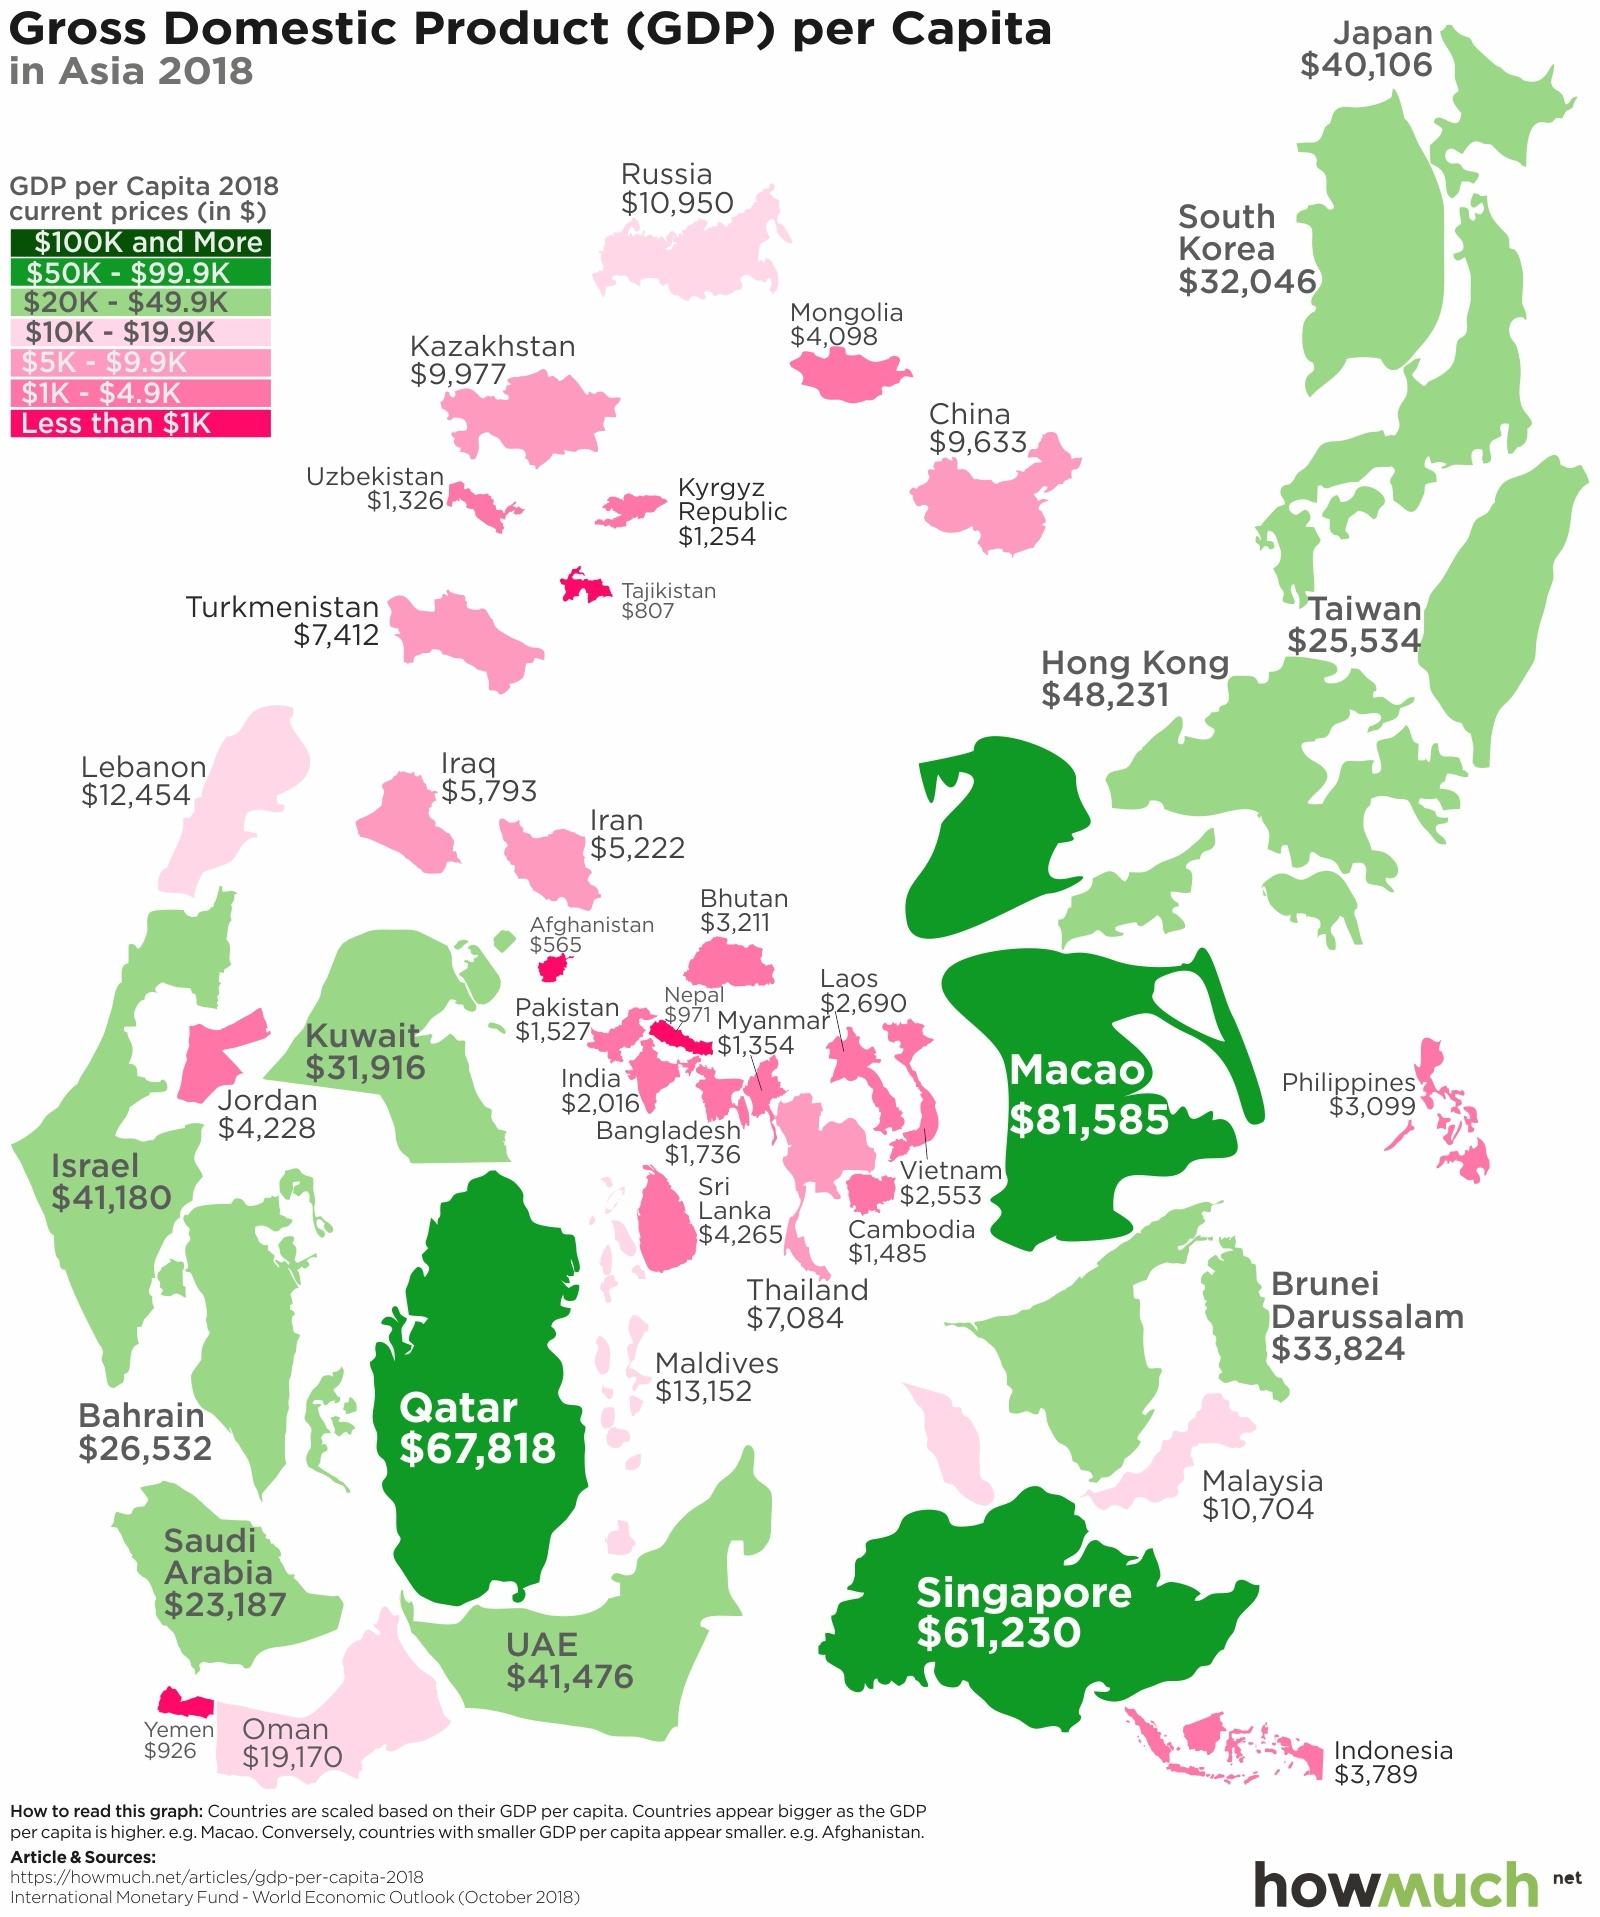 GDP per Capita in Asia